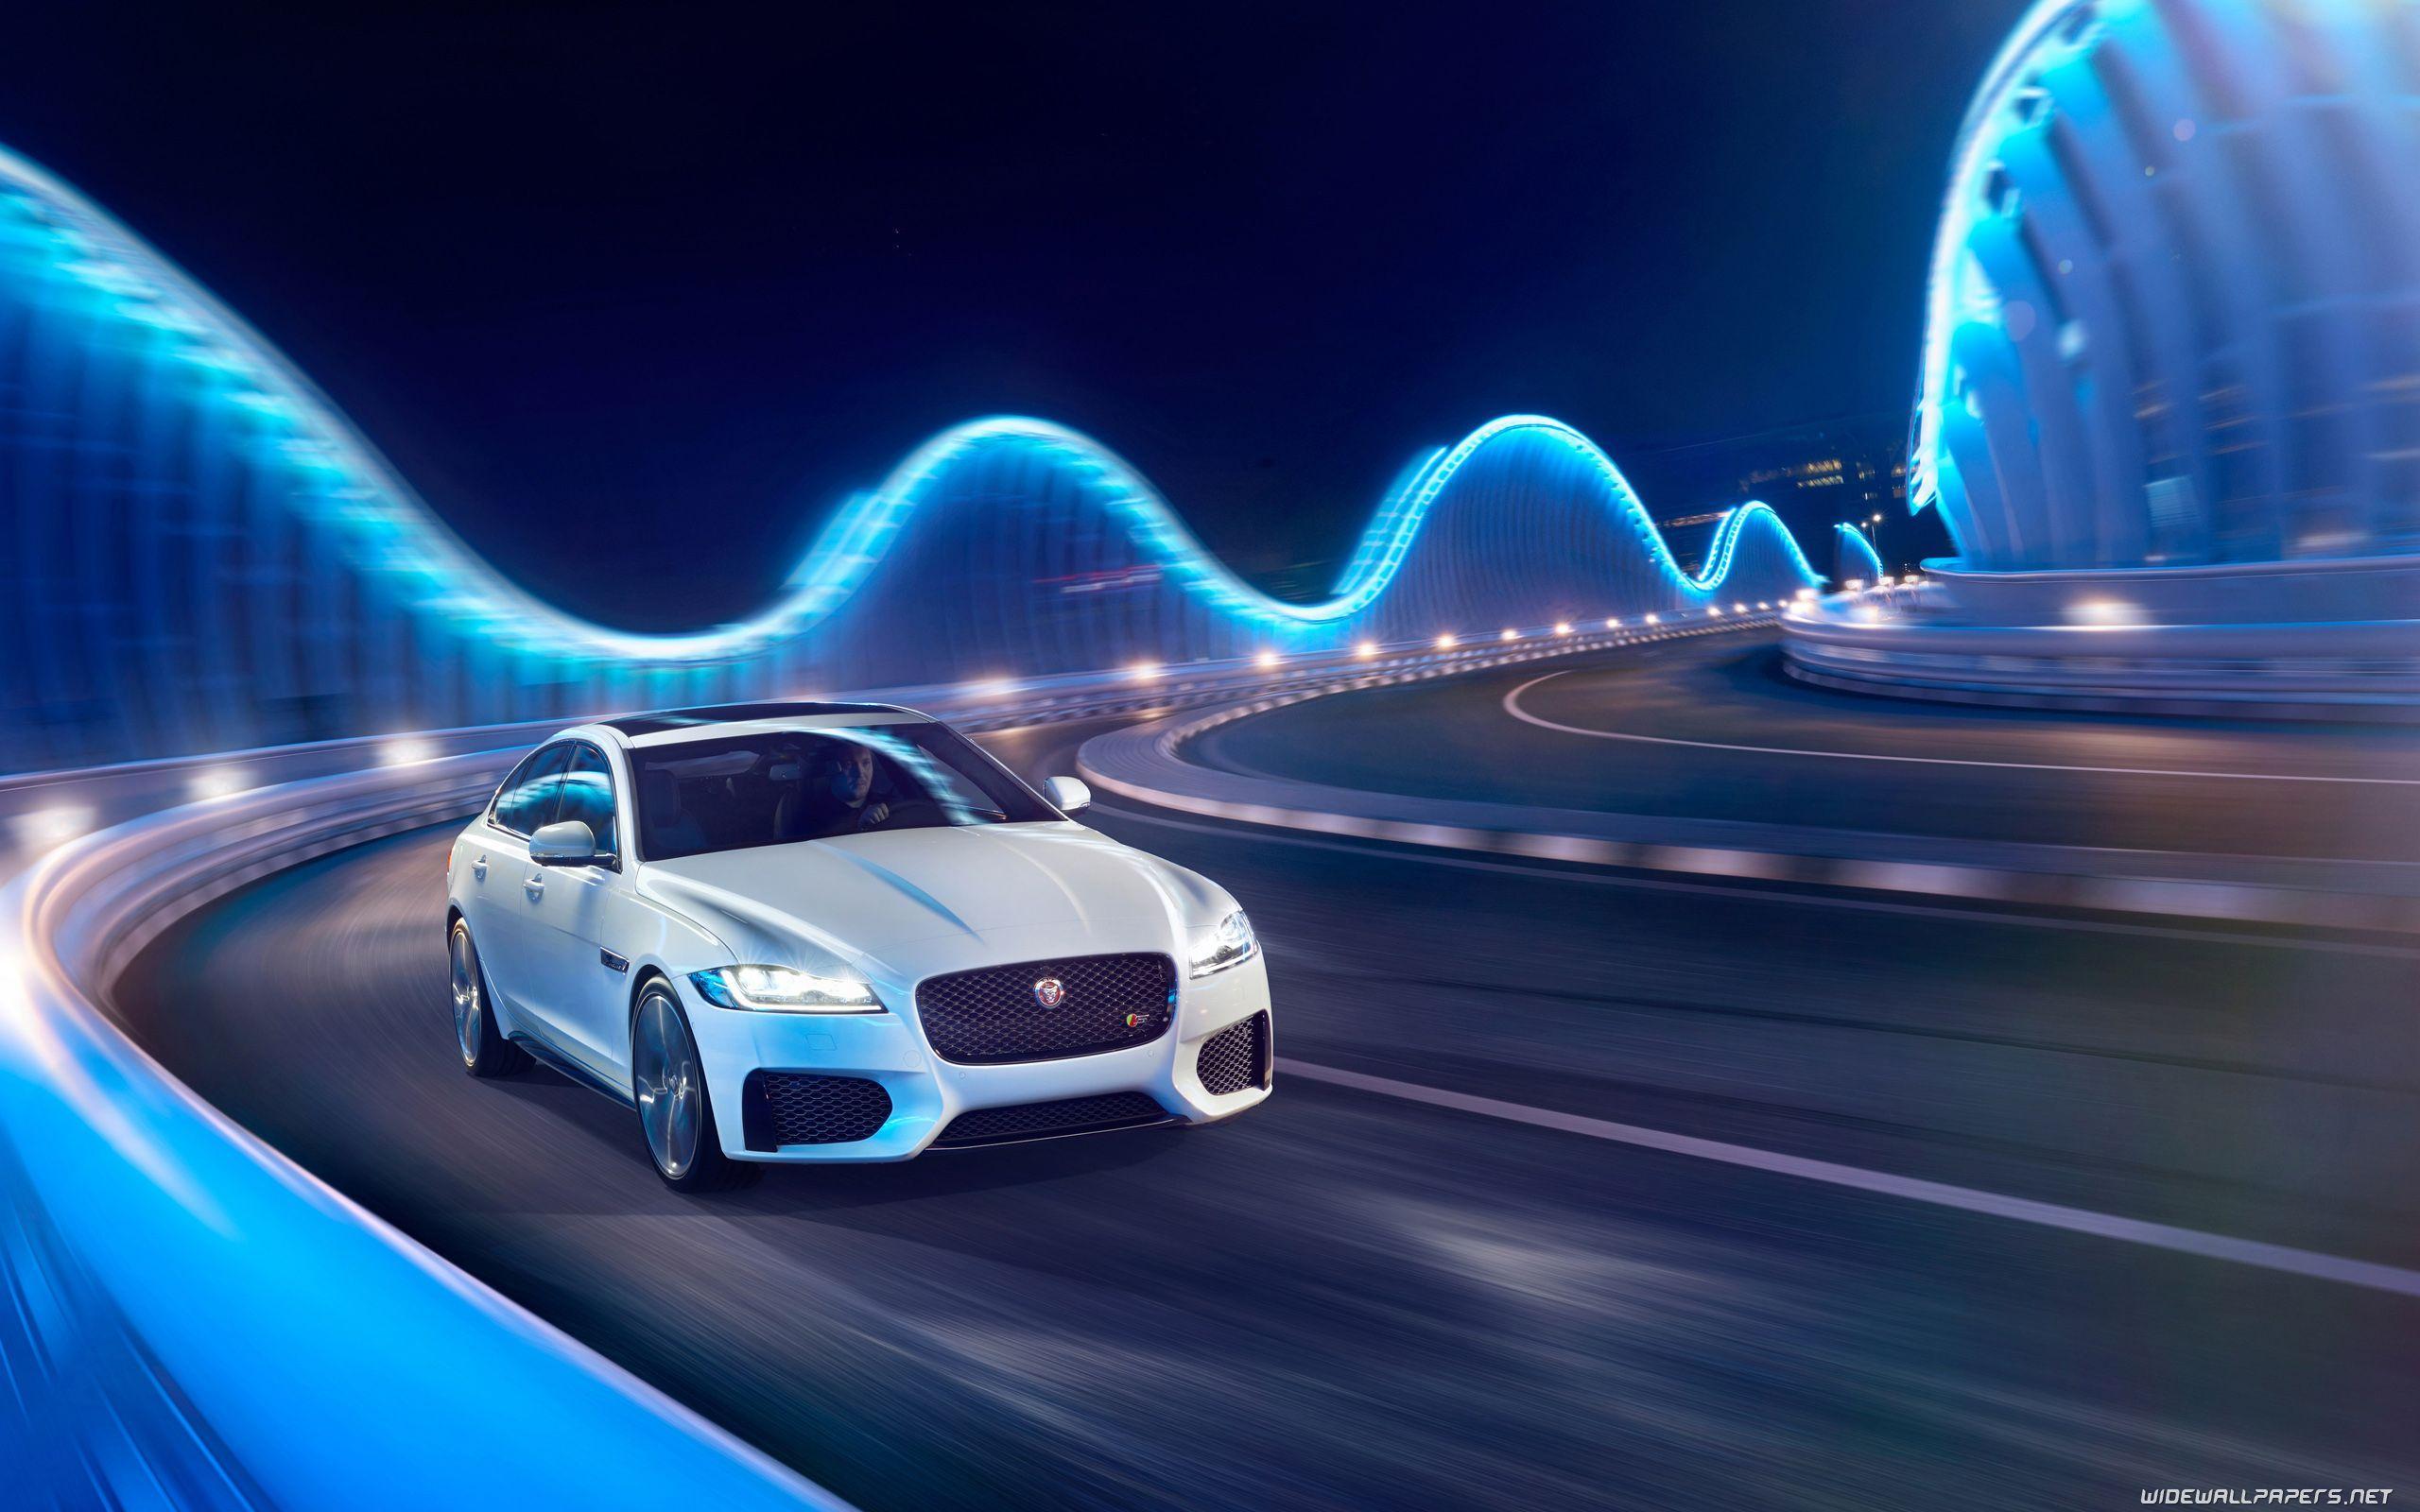 Jaguar Cars Wallpapers Desktop - Wallpaper Cave